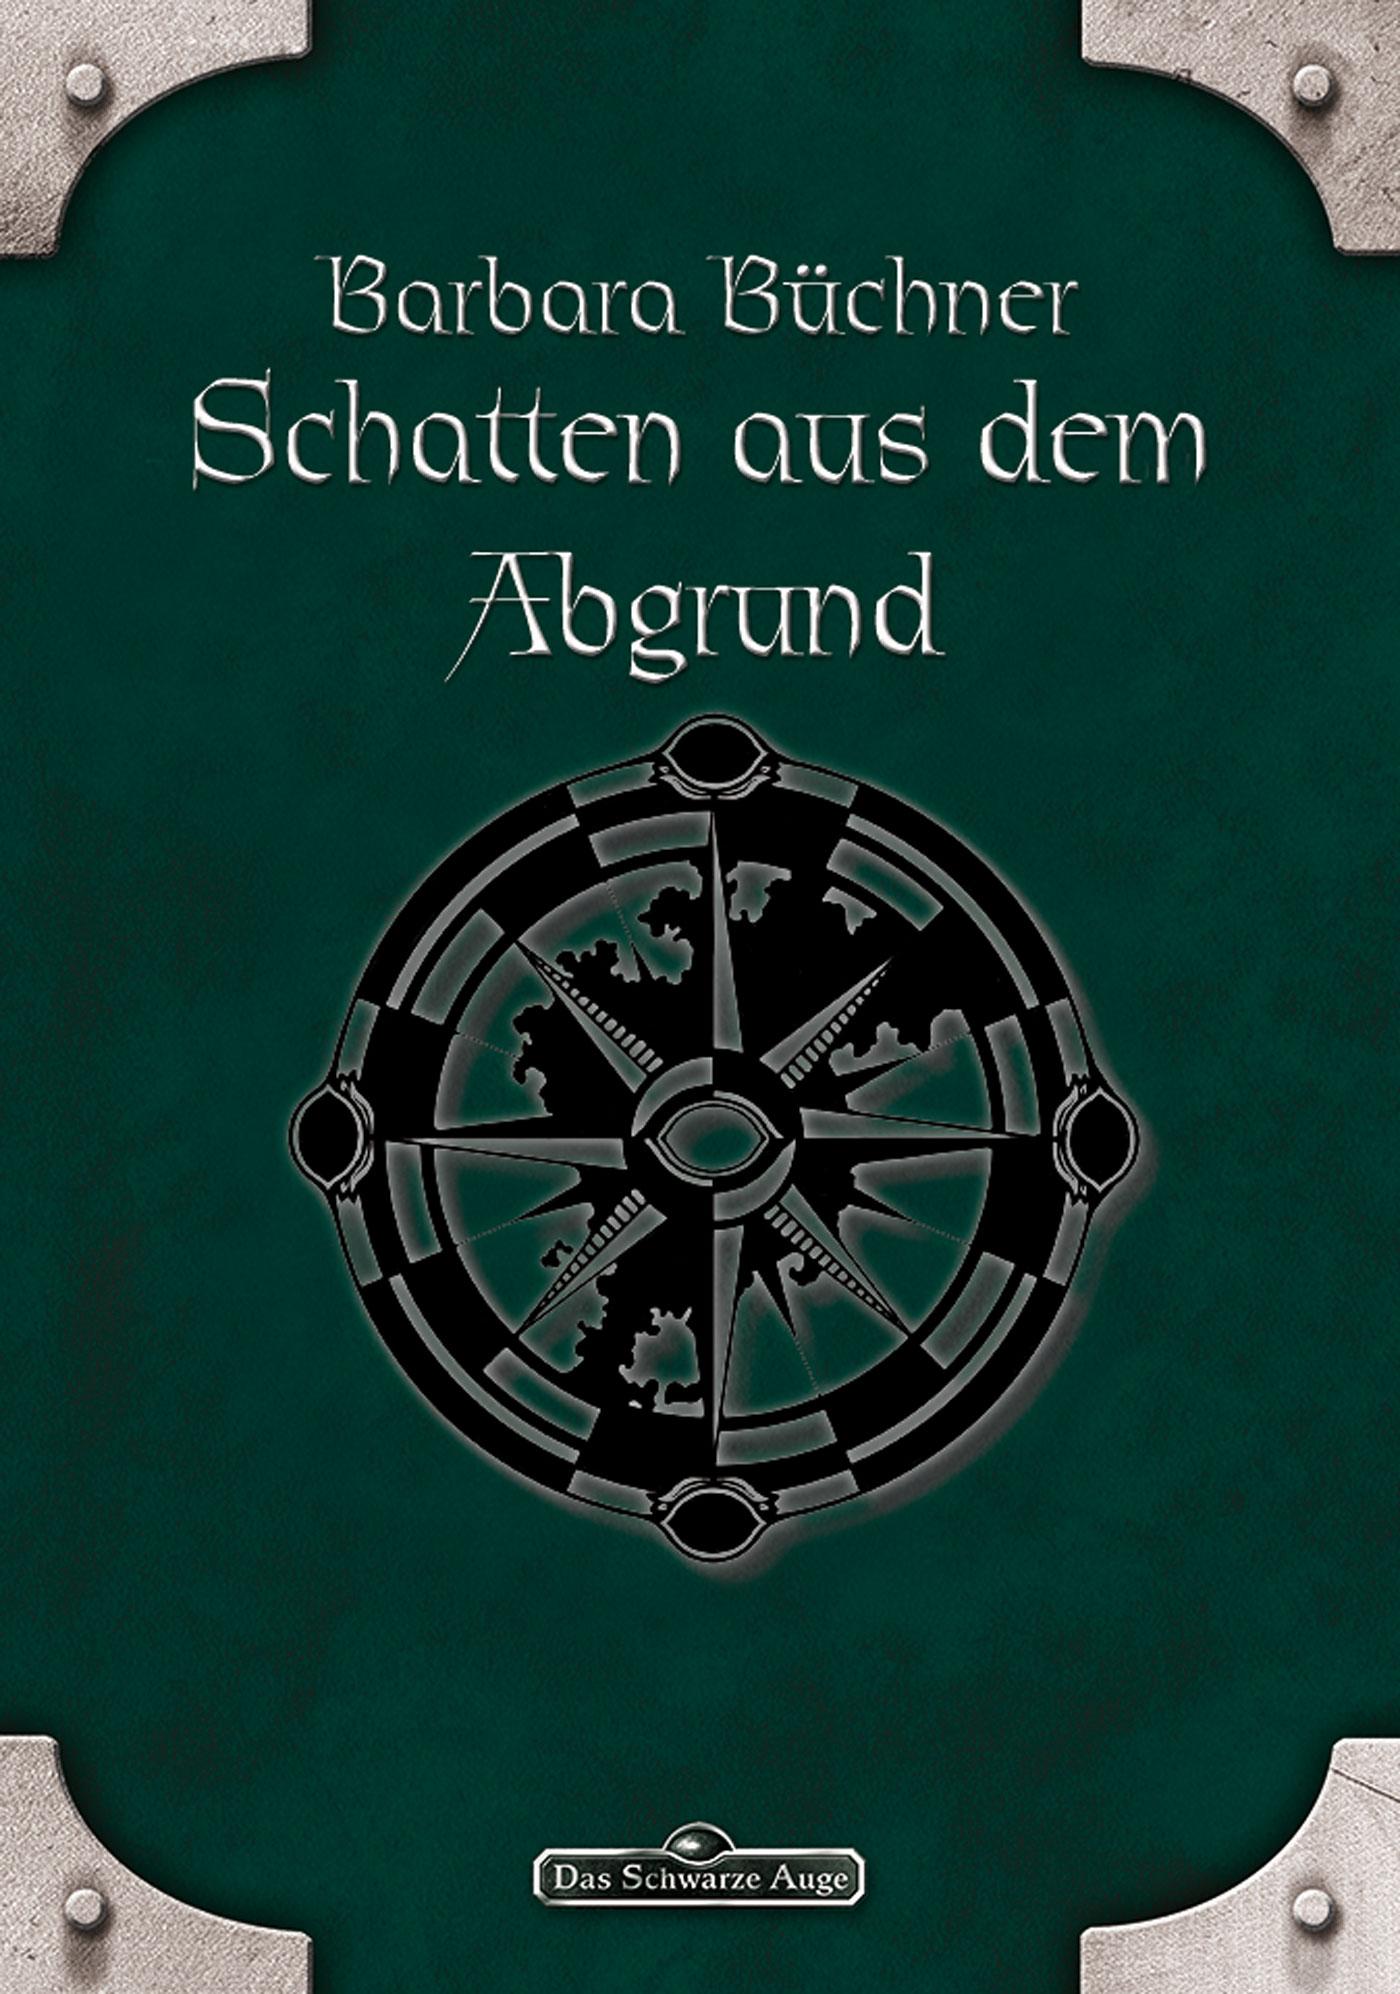 цена Barbara Buchner DSA 36: Schatten aus dem Abgrund онлайн в 2017 году